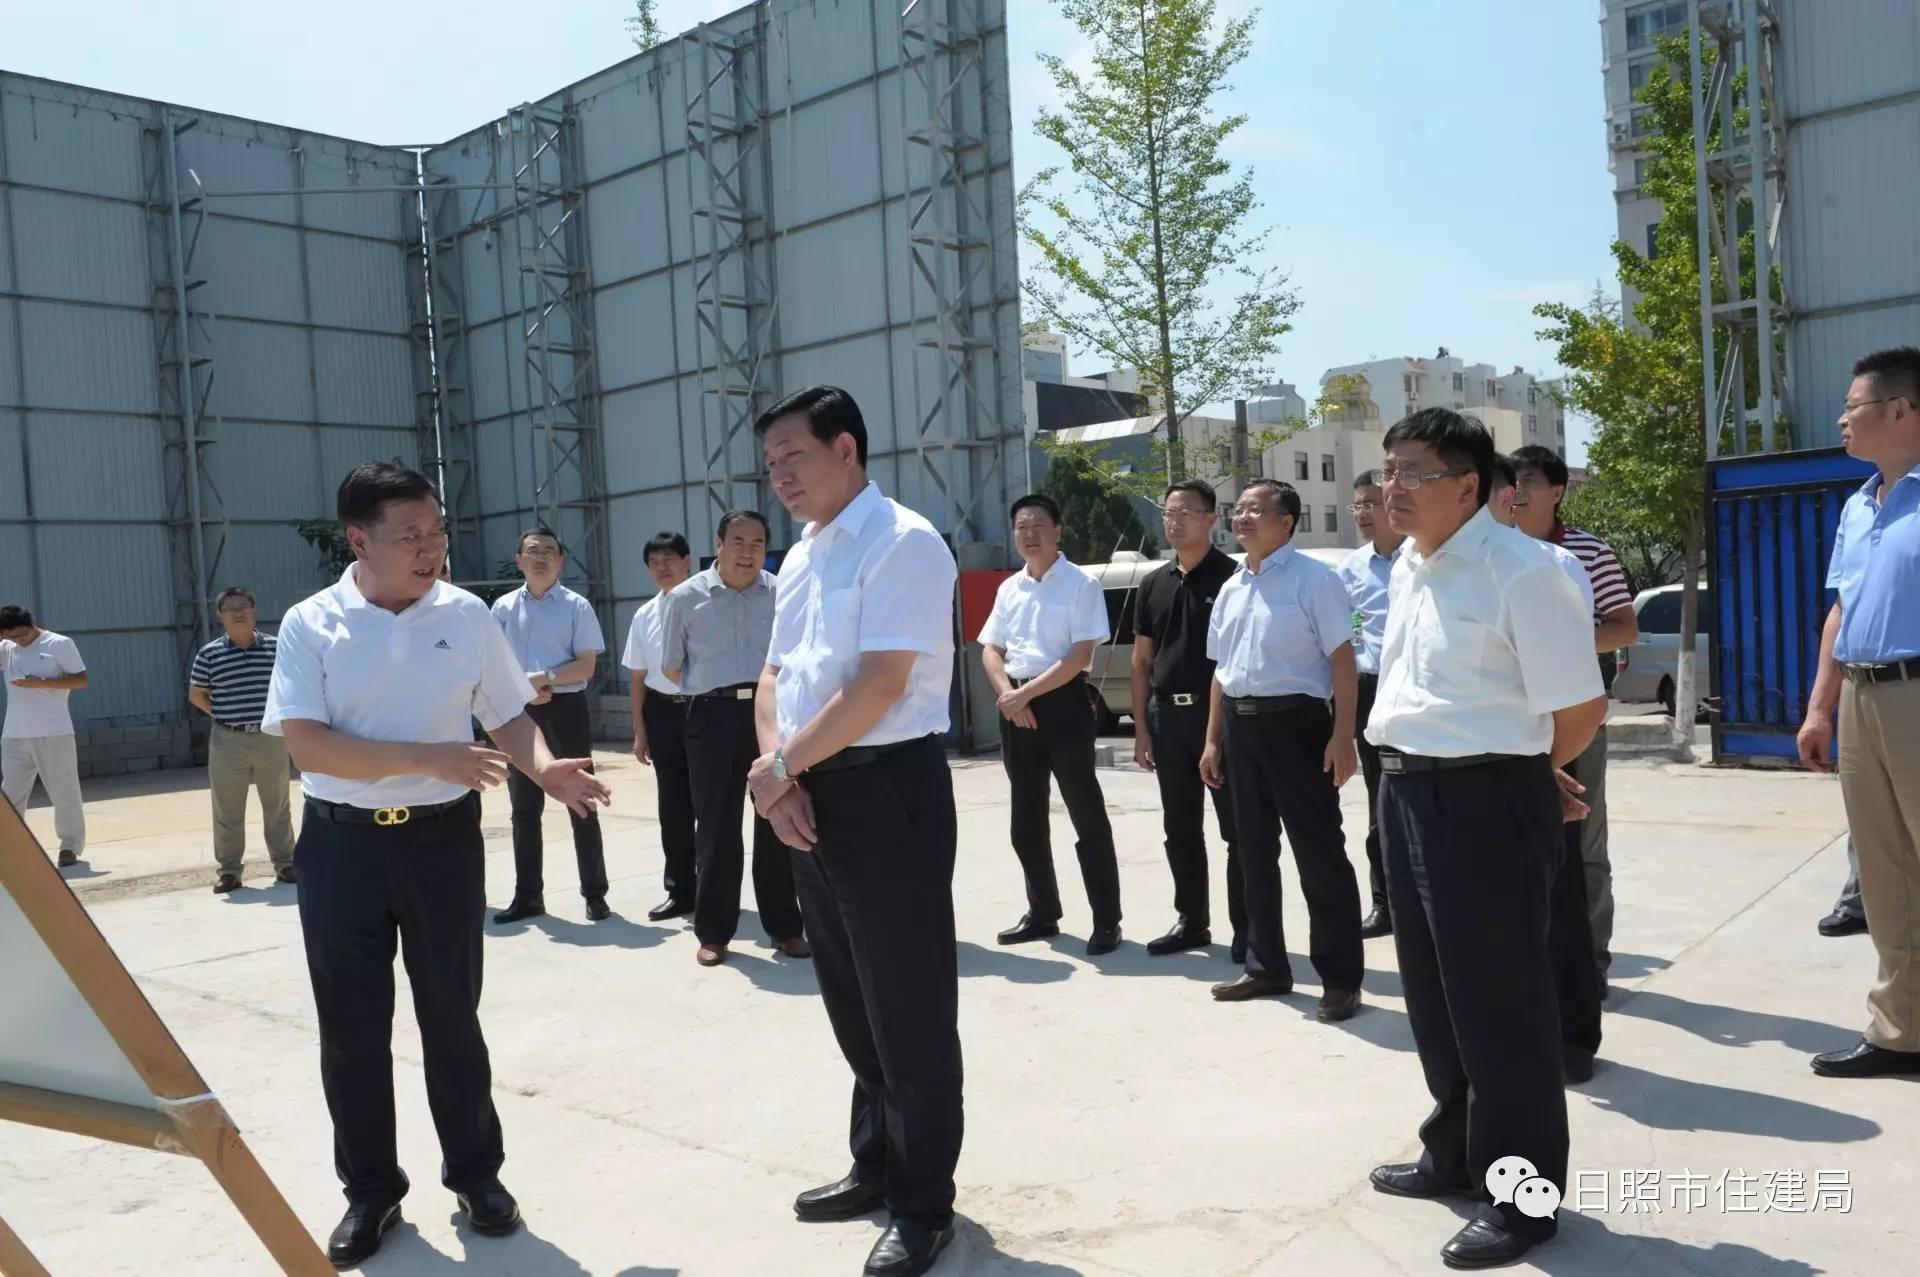 刘星泰强调,精心建设城建重点工程,加快推进城中村改造!